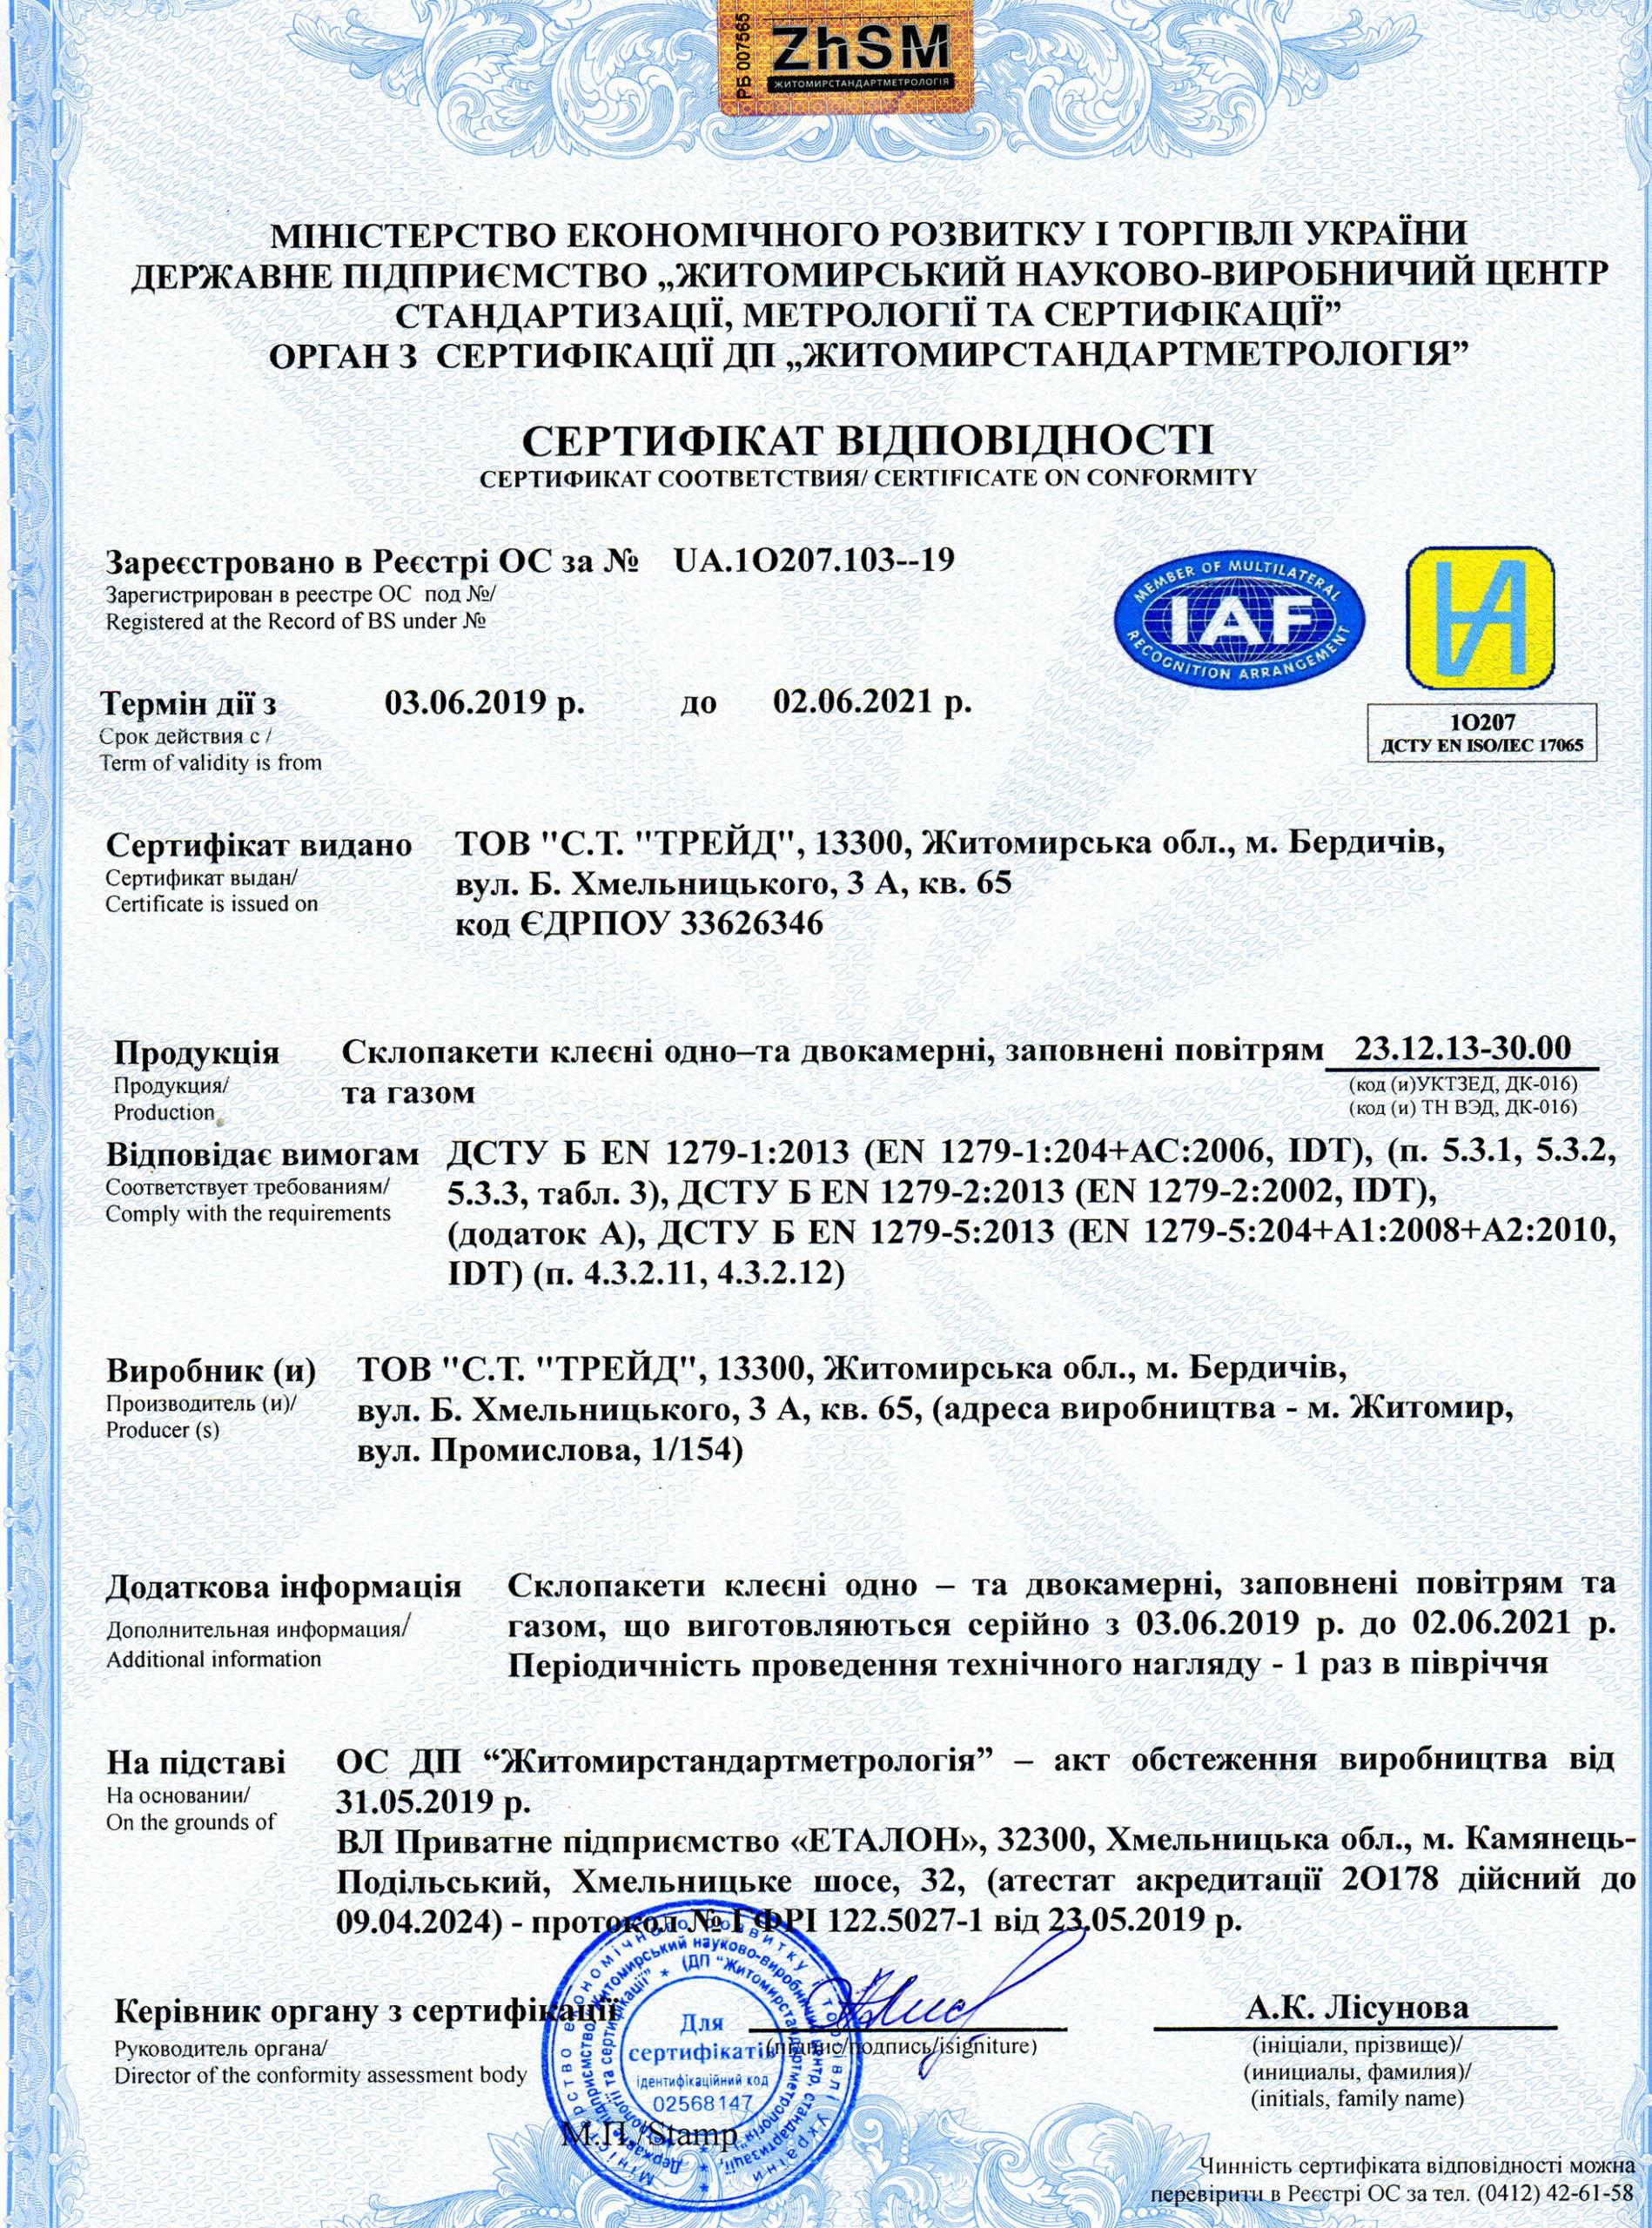 Сертифікат відповідності на склопакети одно- та двокамерні, заповнені повітрям та газом